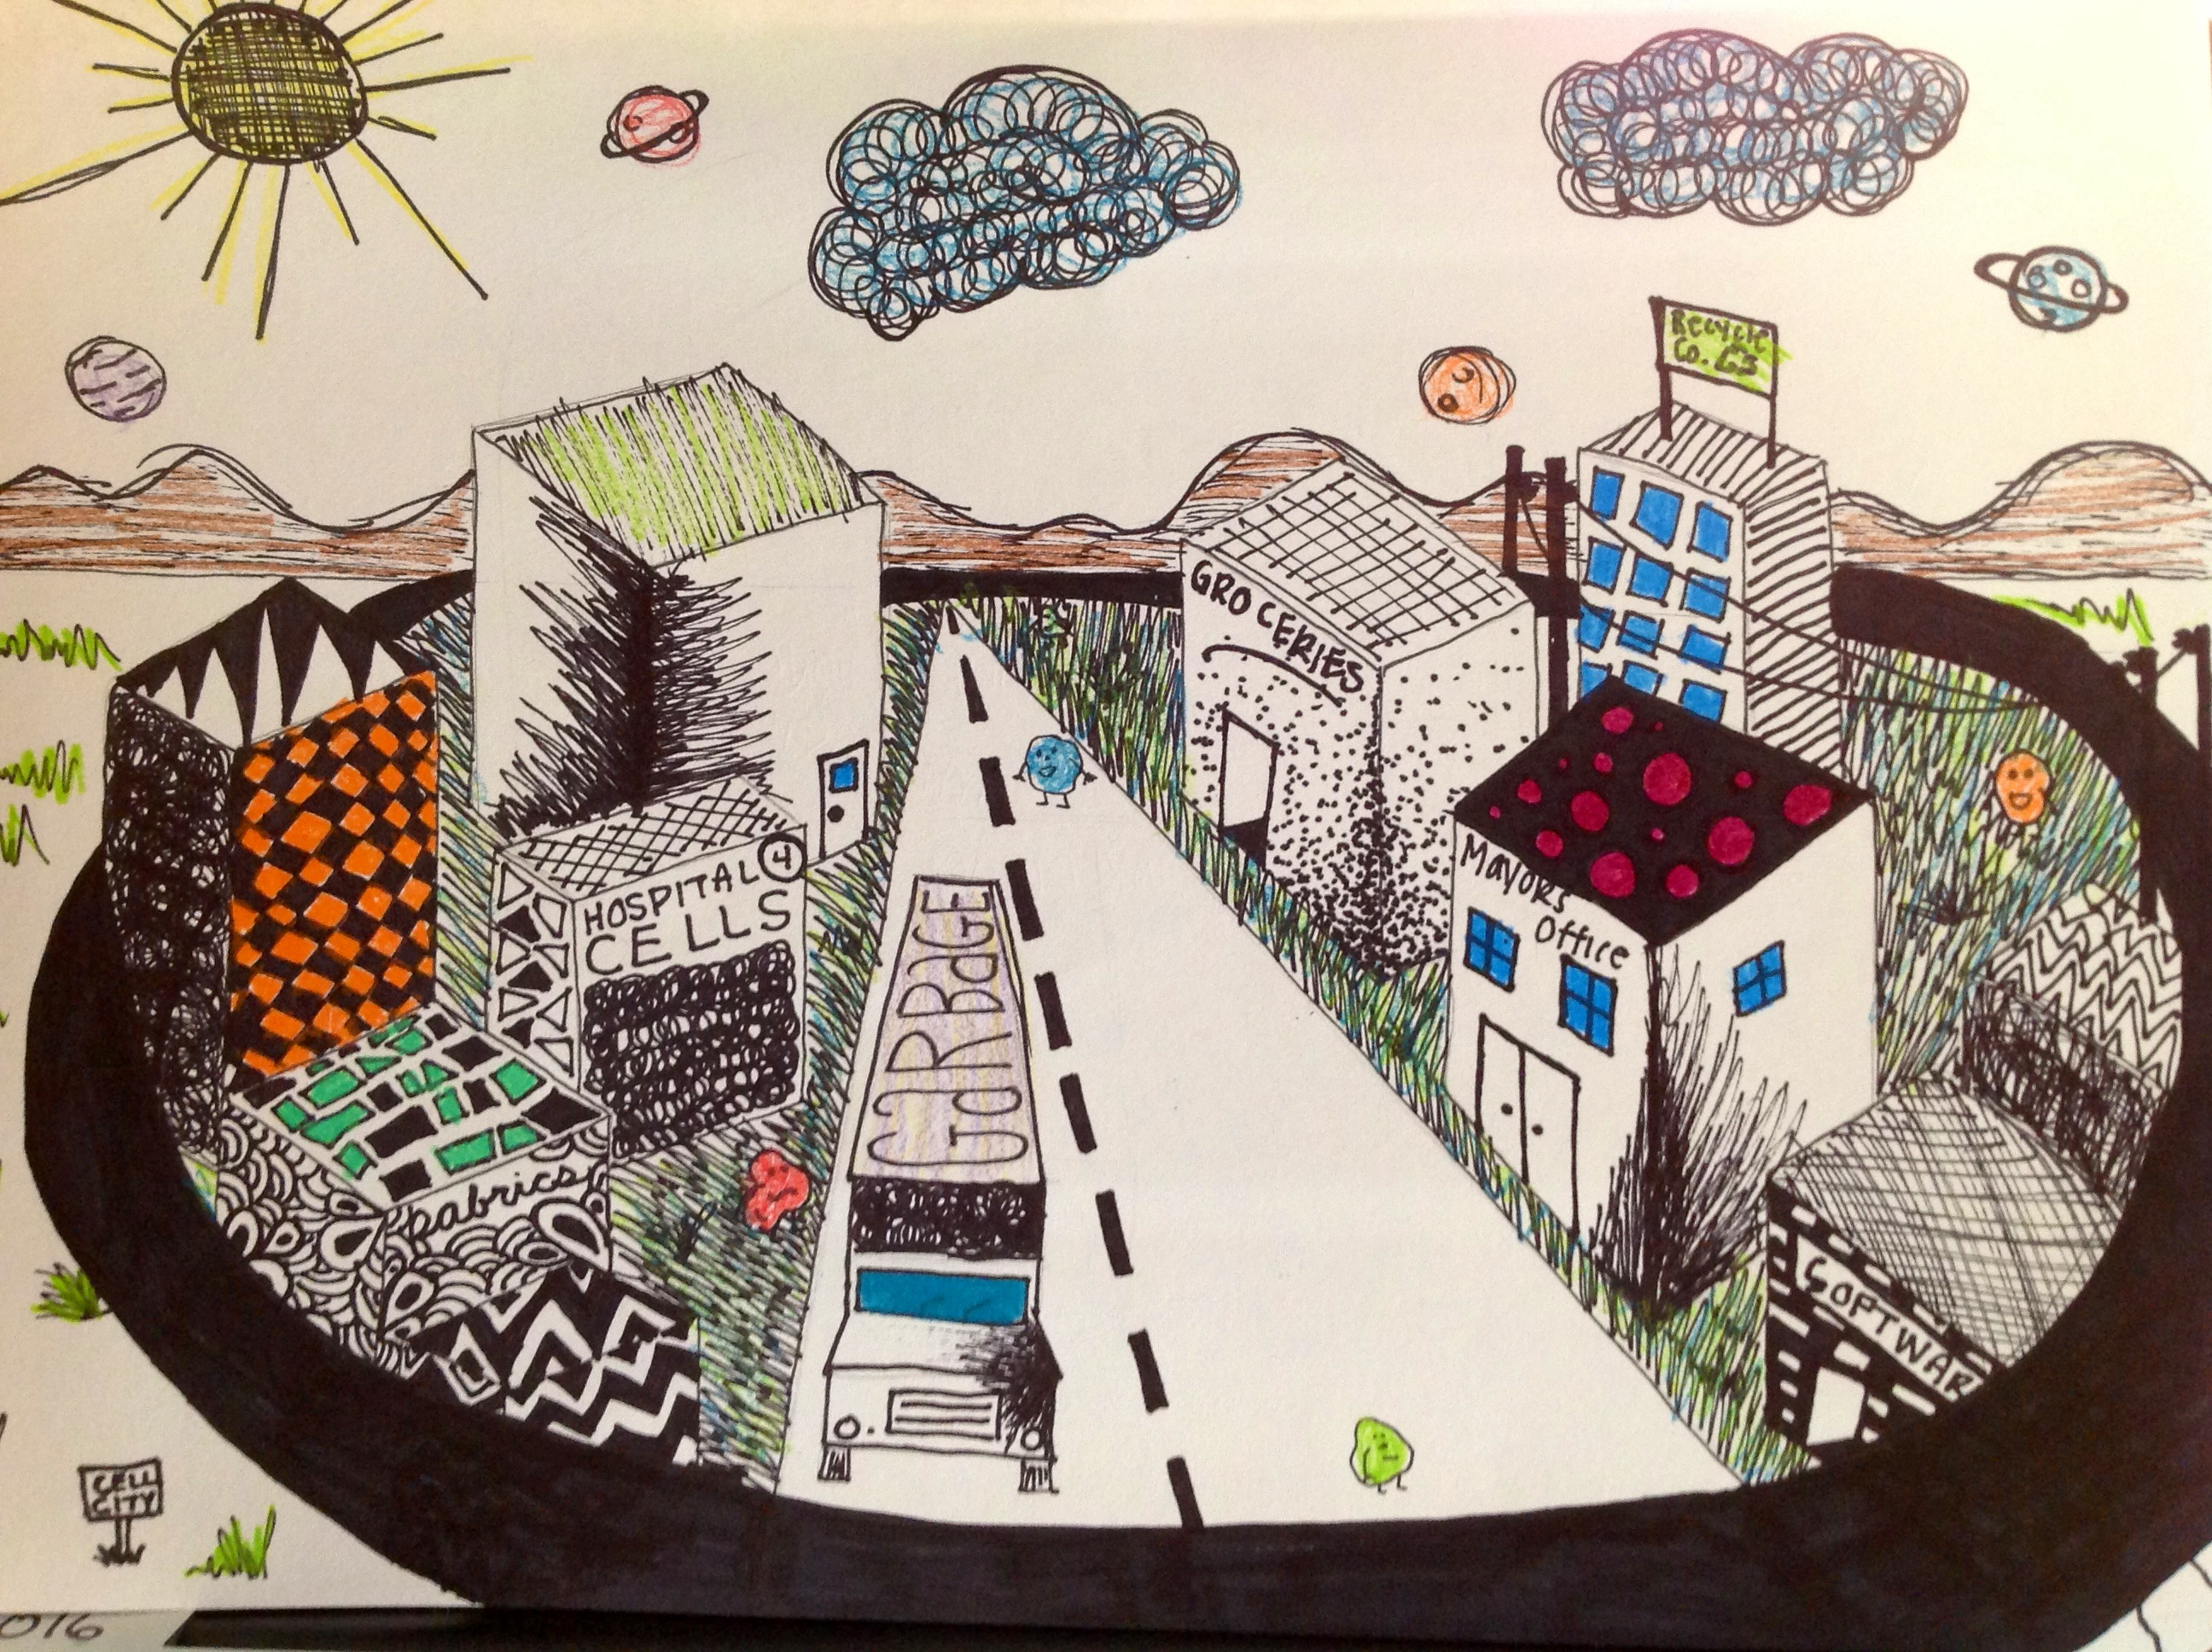 2592x1936 Annikah's Cell City Art Spilling